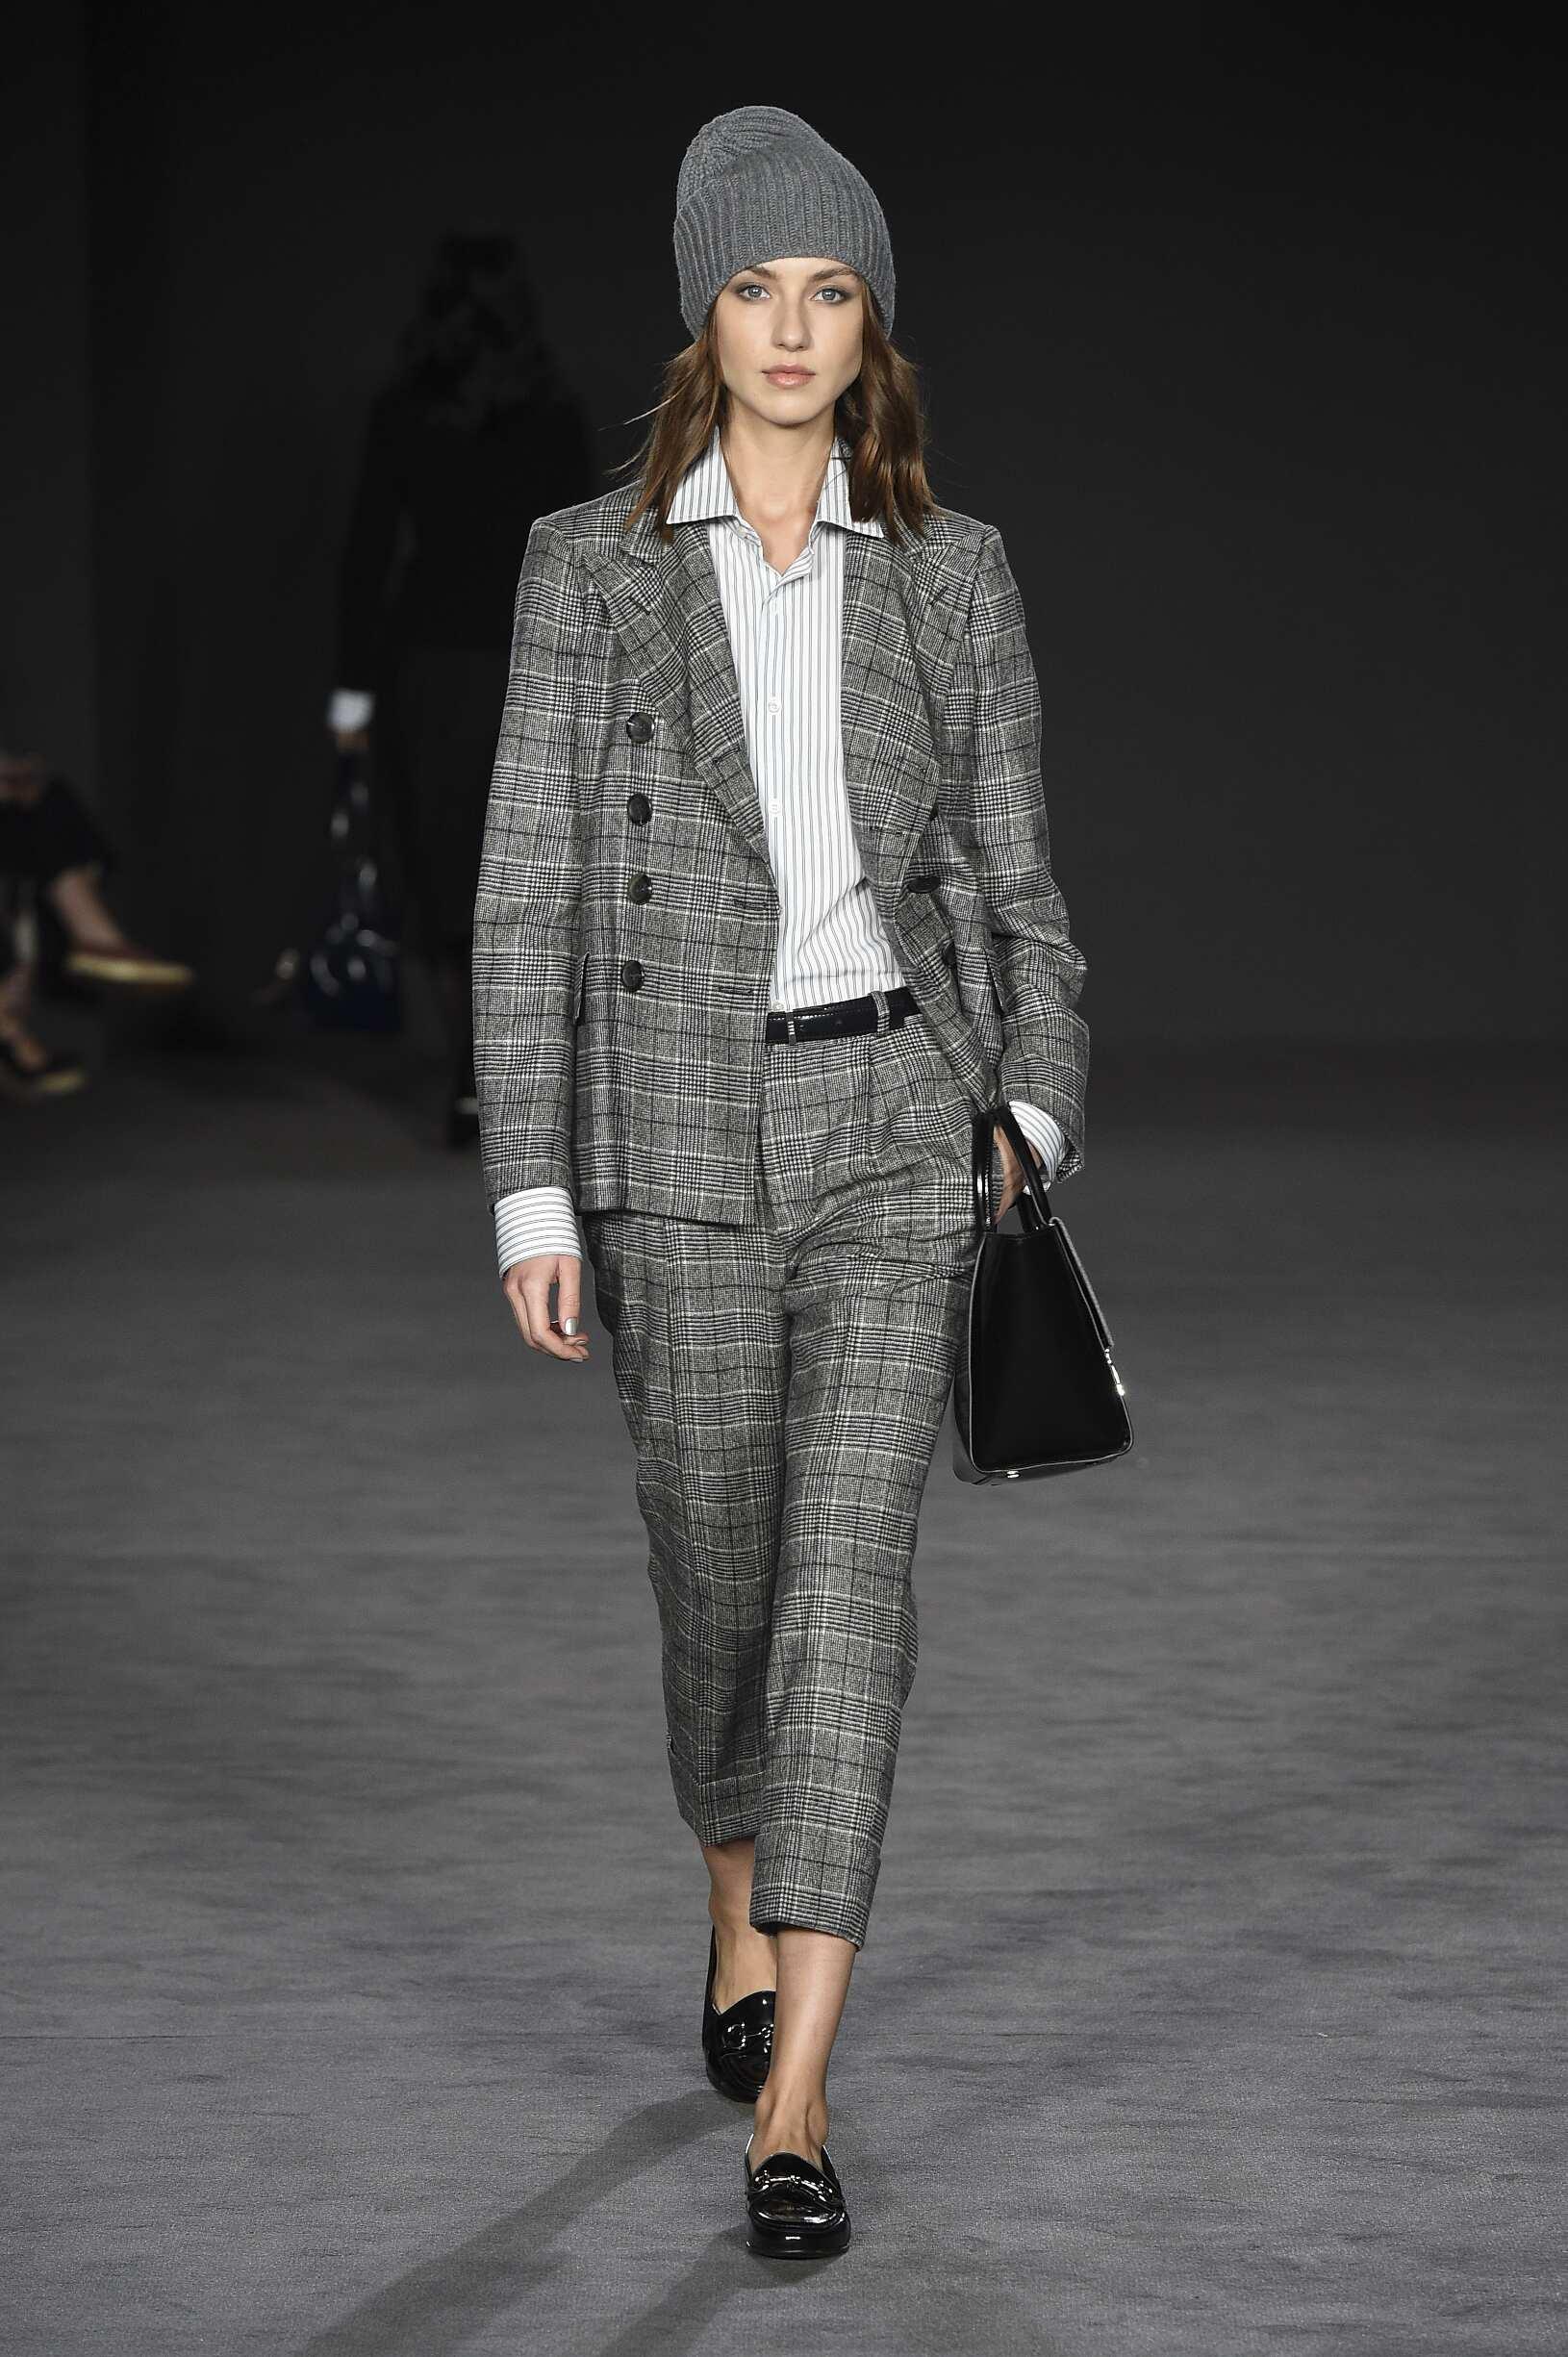 Daks Woman London Fashion Week